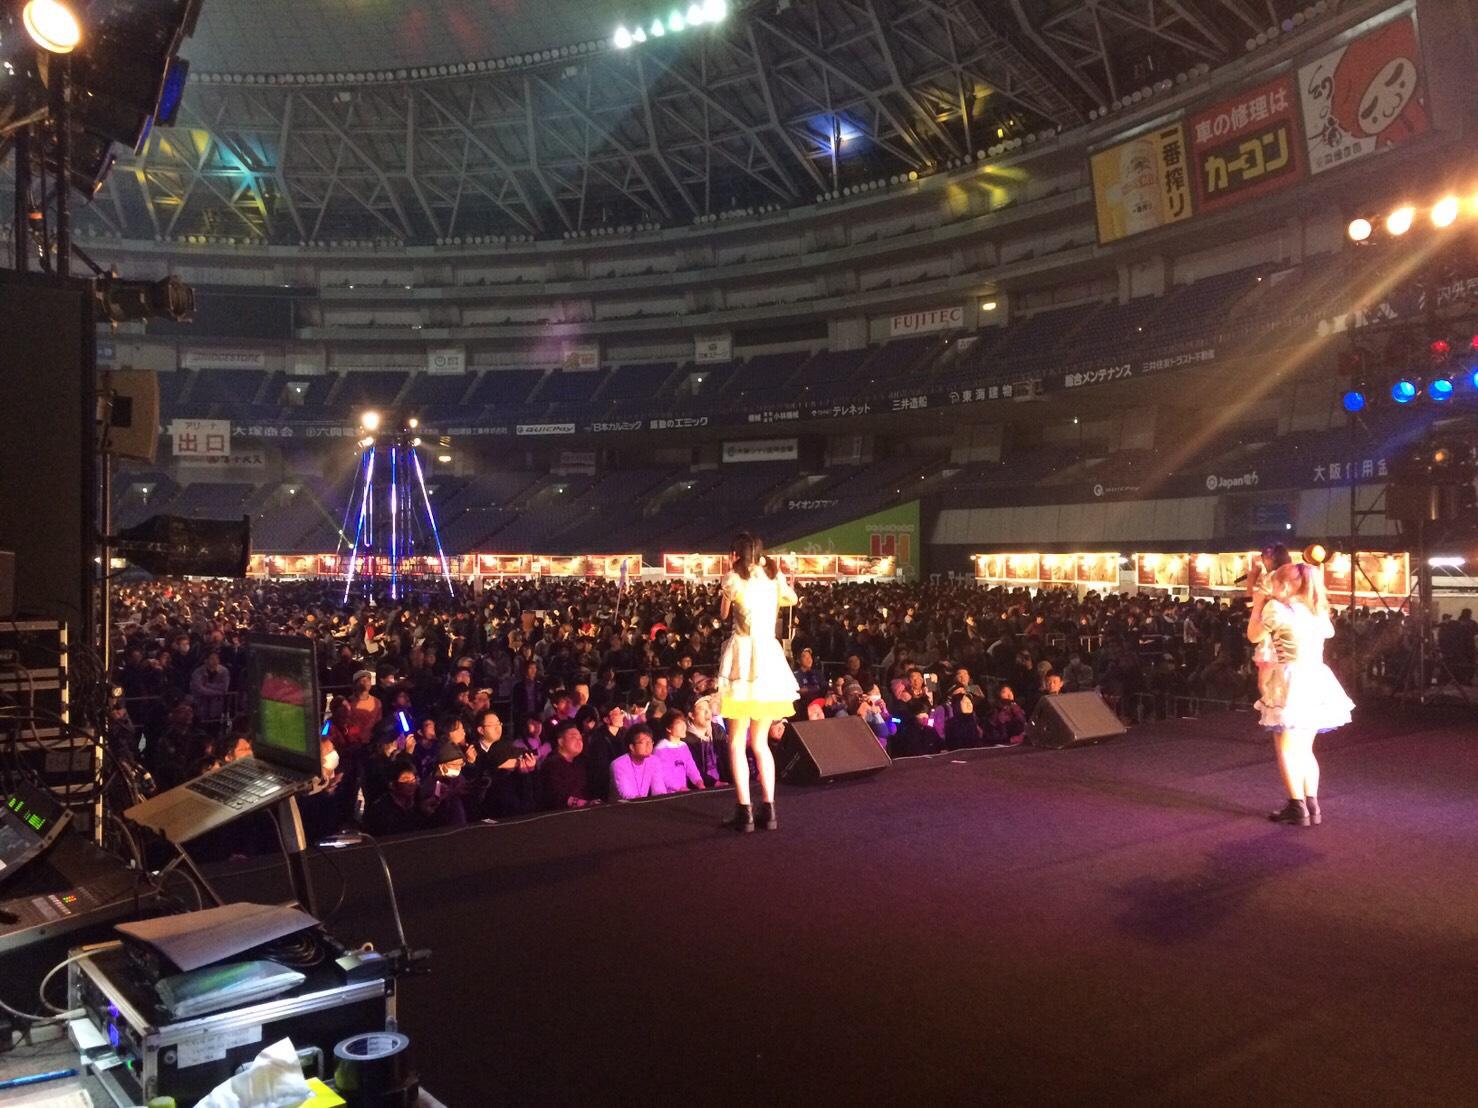 【関西】全国展開中のグループ「京都flavor」新メンバー募集!